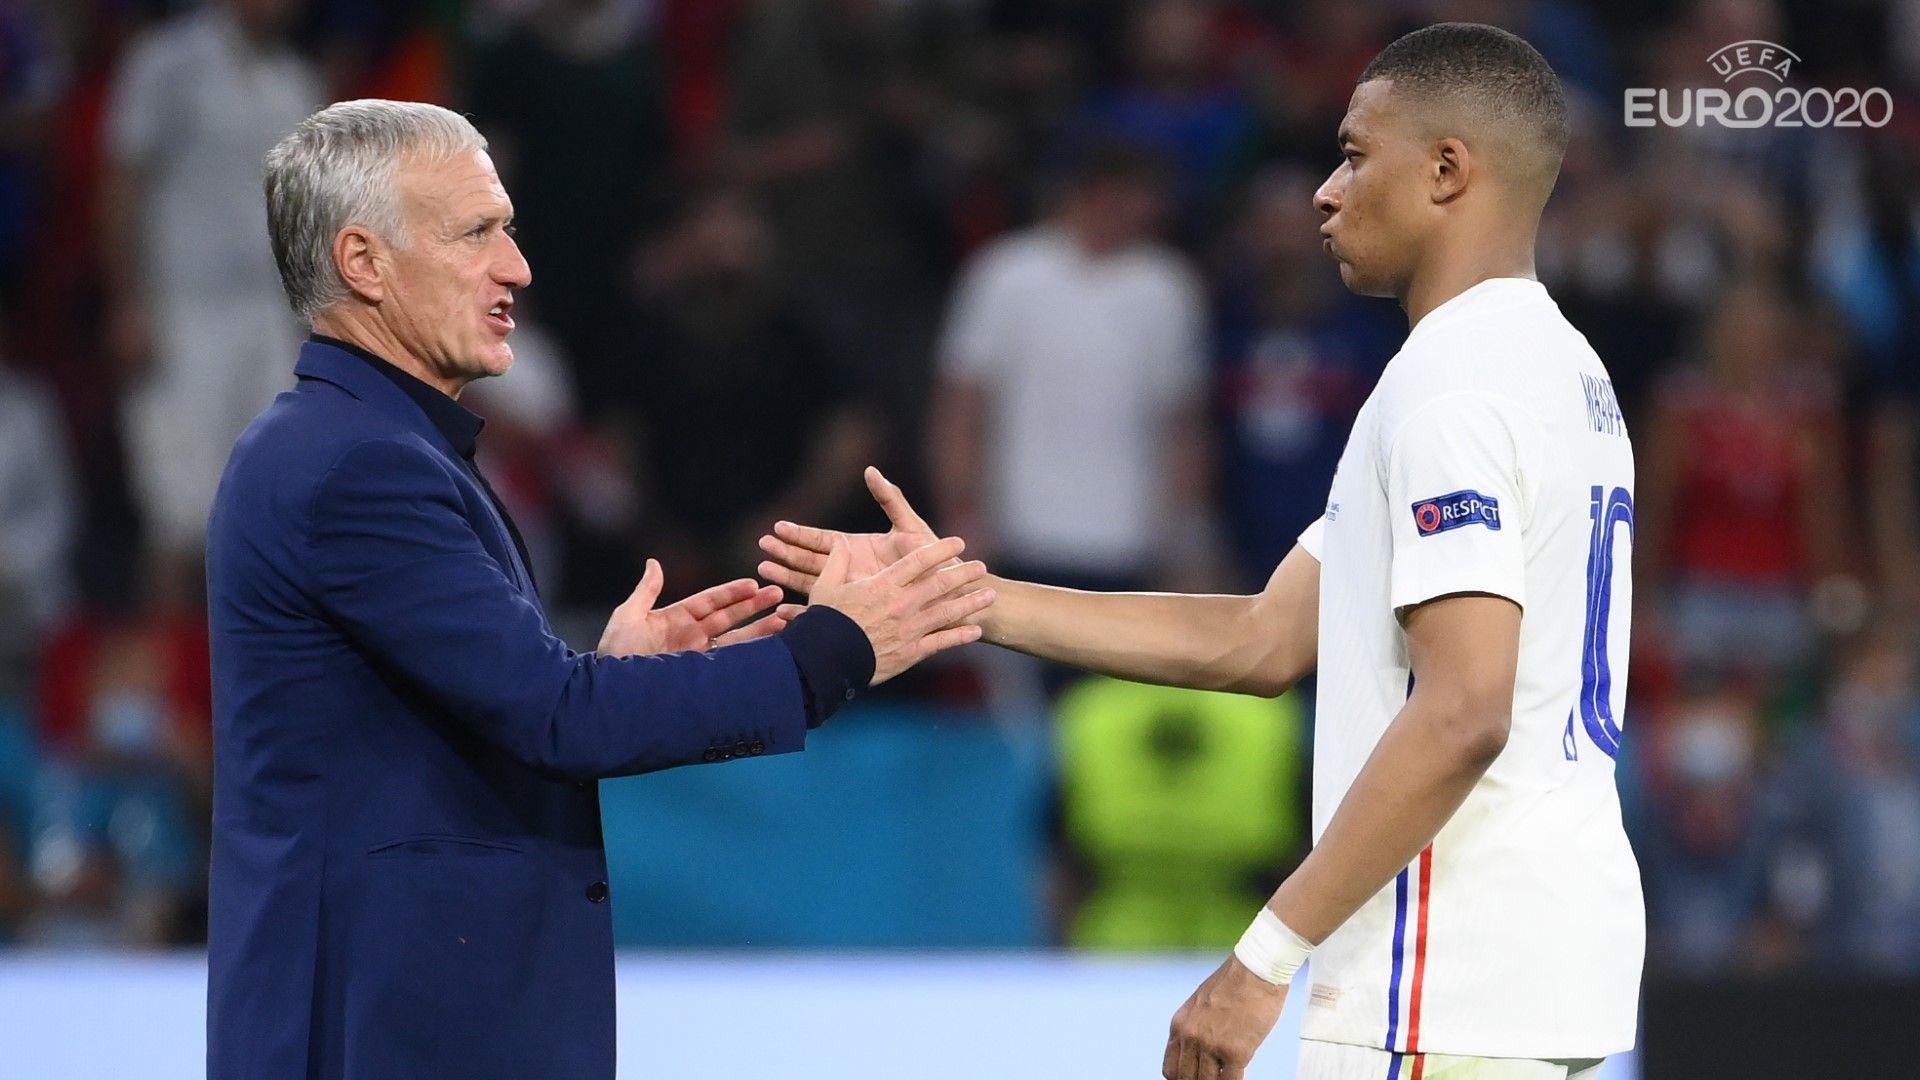 Евро 2020 днес: Световният шампион е пред планина от проблеми, но има само една цел